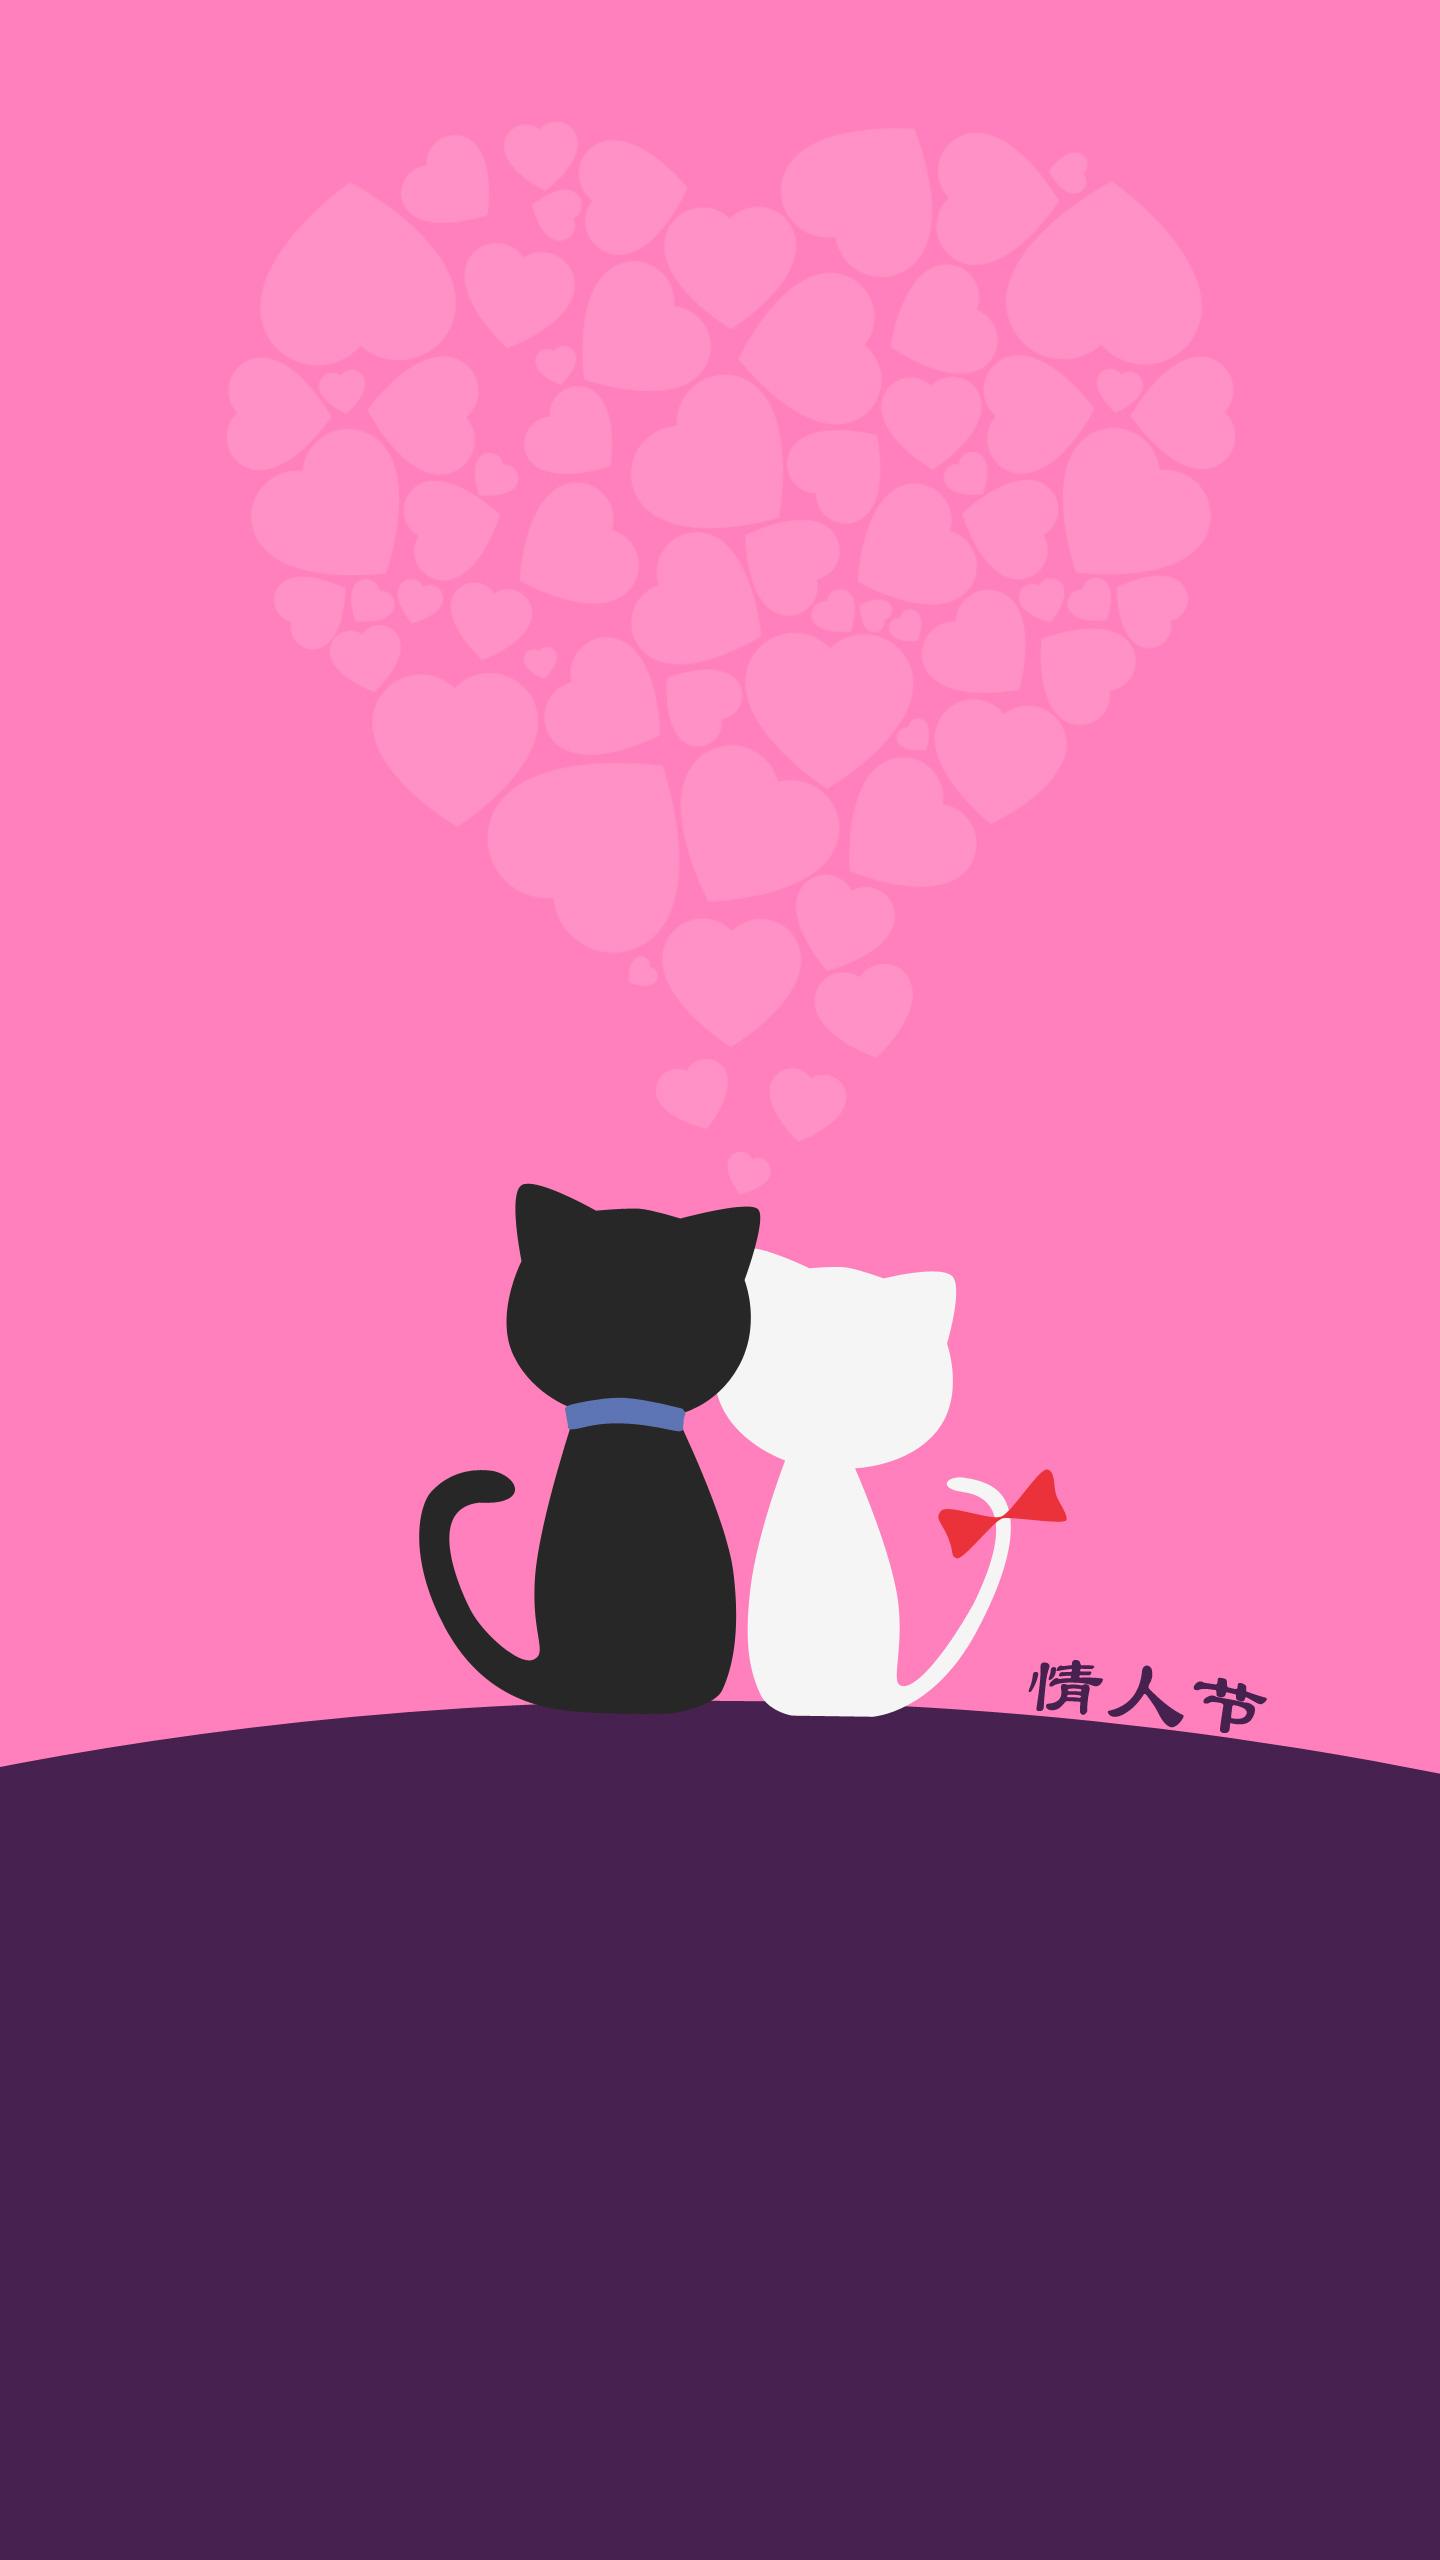 我想要vivo的情人节壁纸-手机主题-vivo智能手机v粉